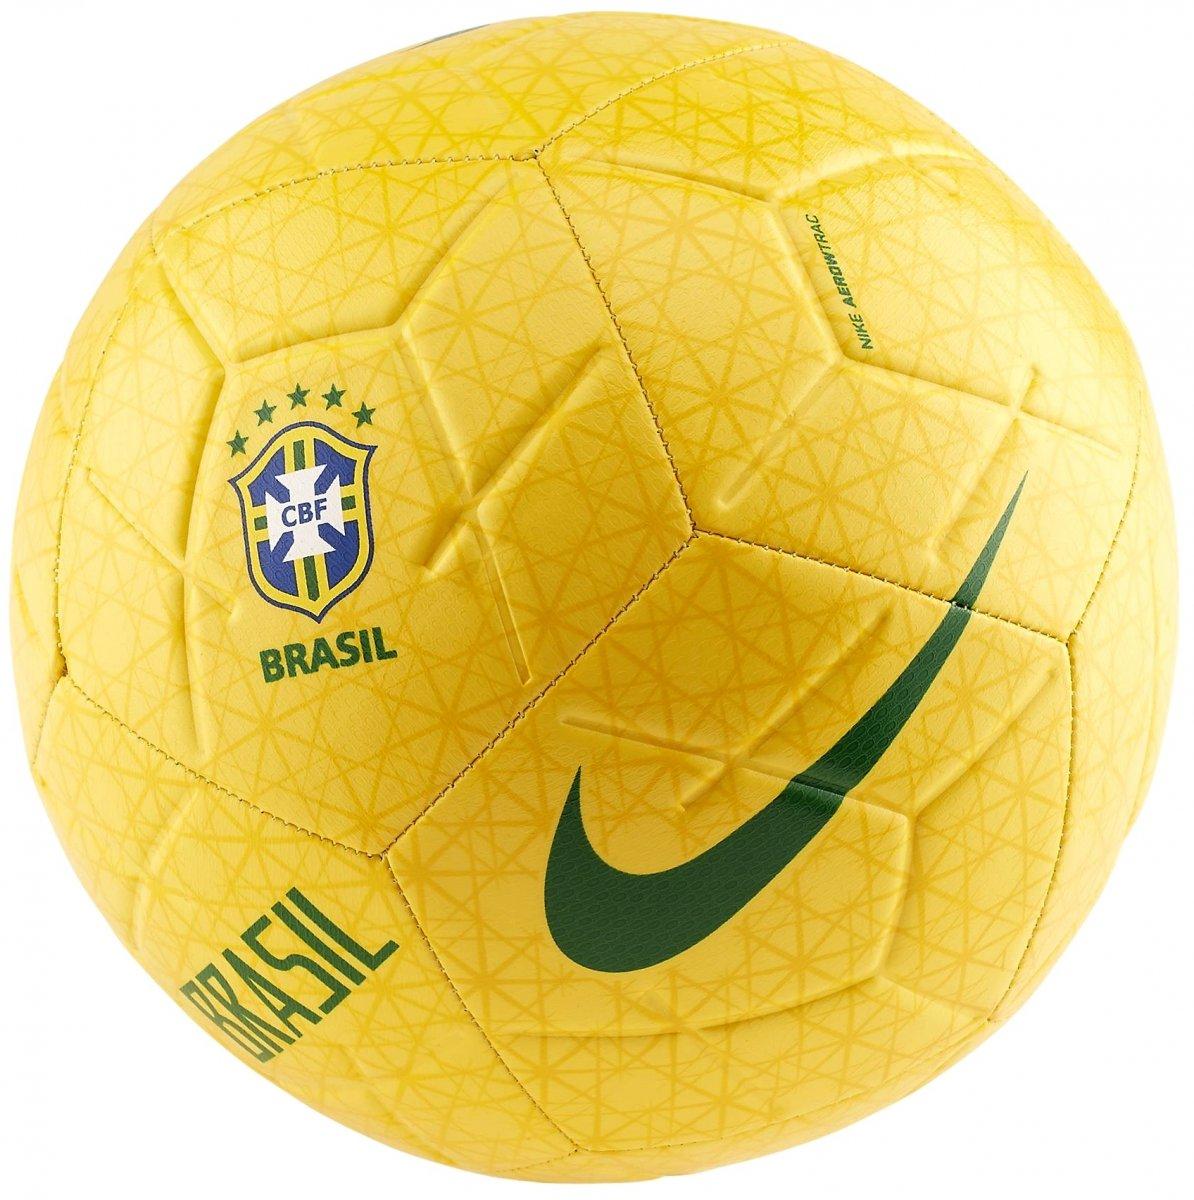 Mira Colgar Minero  Bola Campo Nike Brasil Strike SC3922-749 - Amarelo/Verde - Botas Online  Femininas, Masculinas e Infantis   Mundodasbotas.com.br